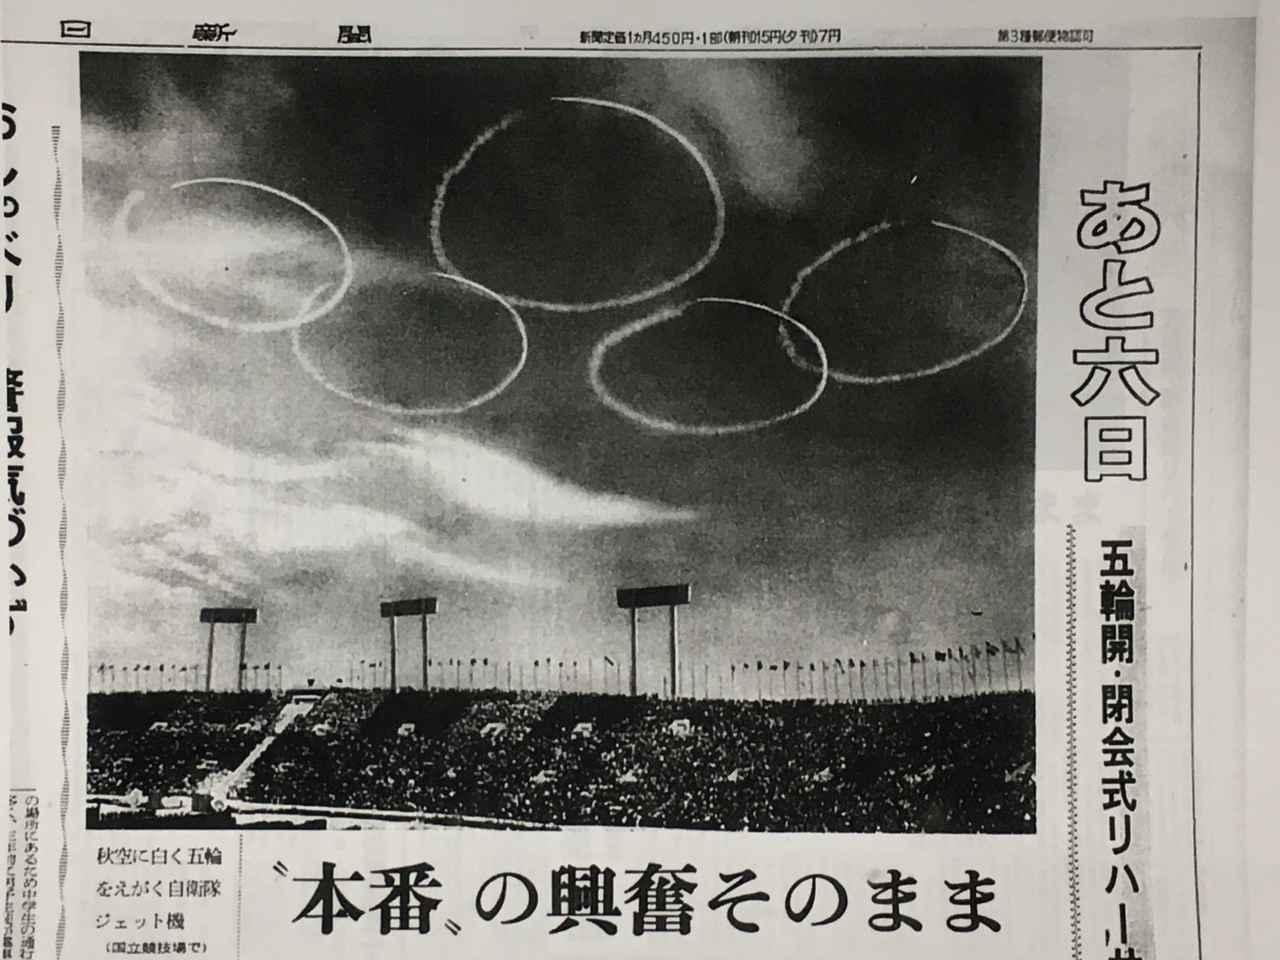 画像: 1964年10月4日(日)付の朝日新聞朝刊15面にある五輪開会式リハーサルでのブルーの五輪。リハーサルでこの五輪を見た組織委が不安に思ったのもうなずける。